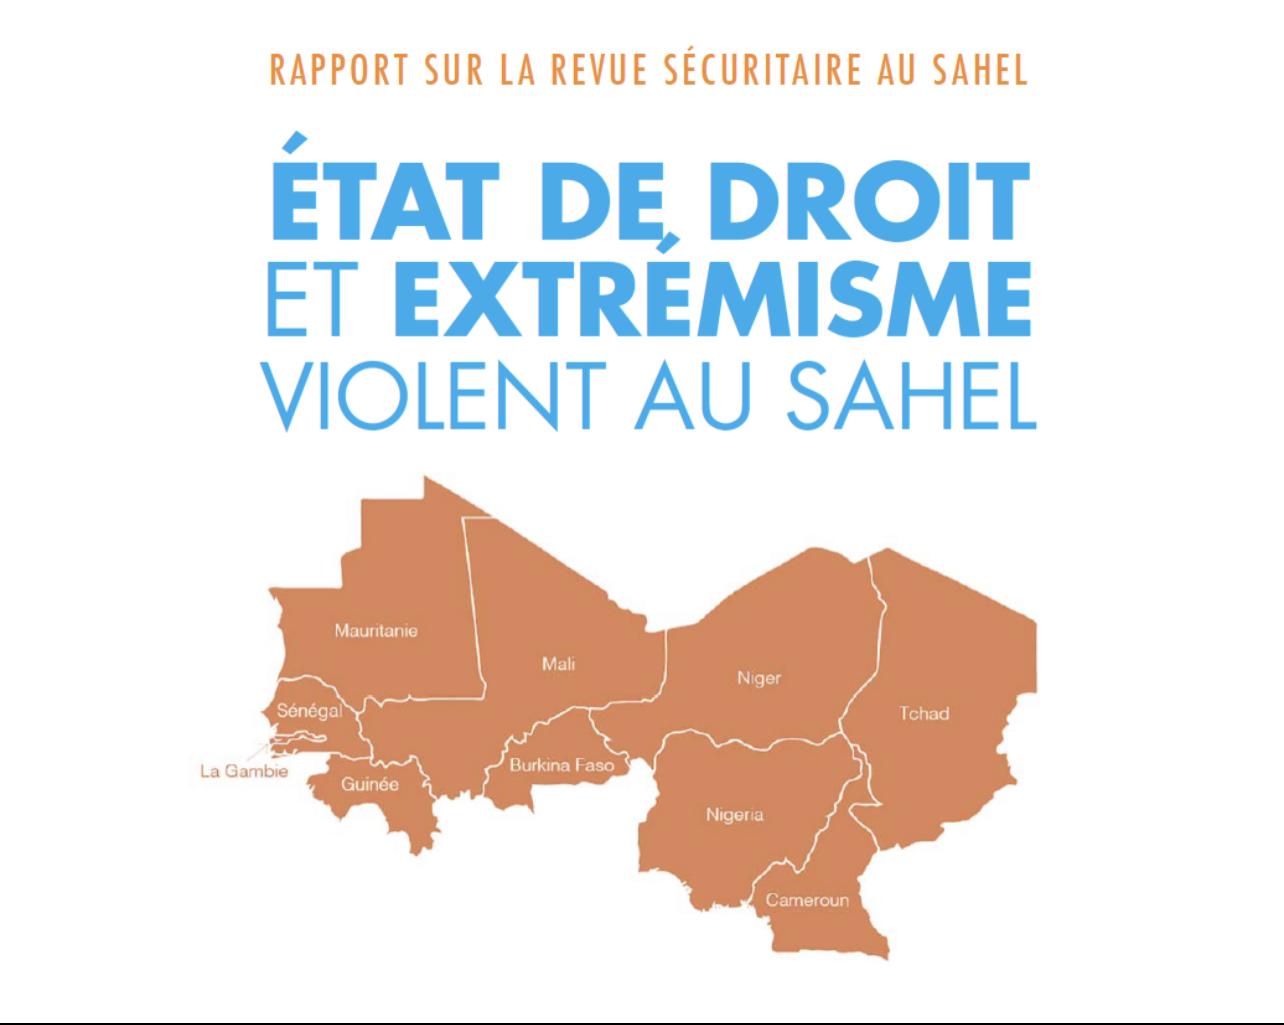 État de droit et extrémisme violent : le diagnostic et les recommandations du Forum sur la revue sécuritaire au Sahel.